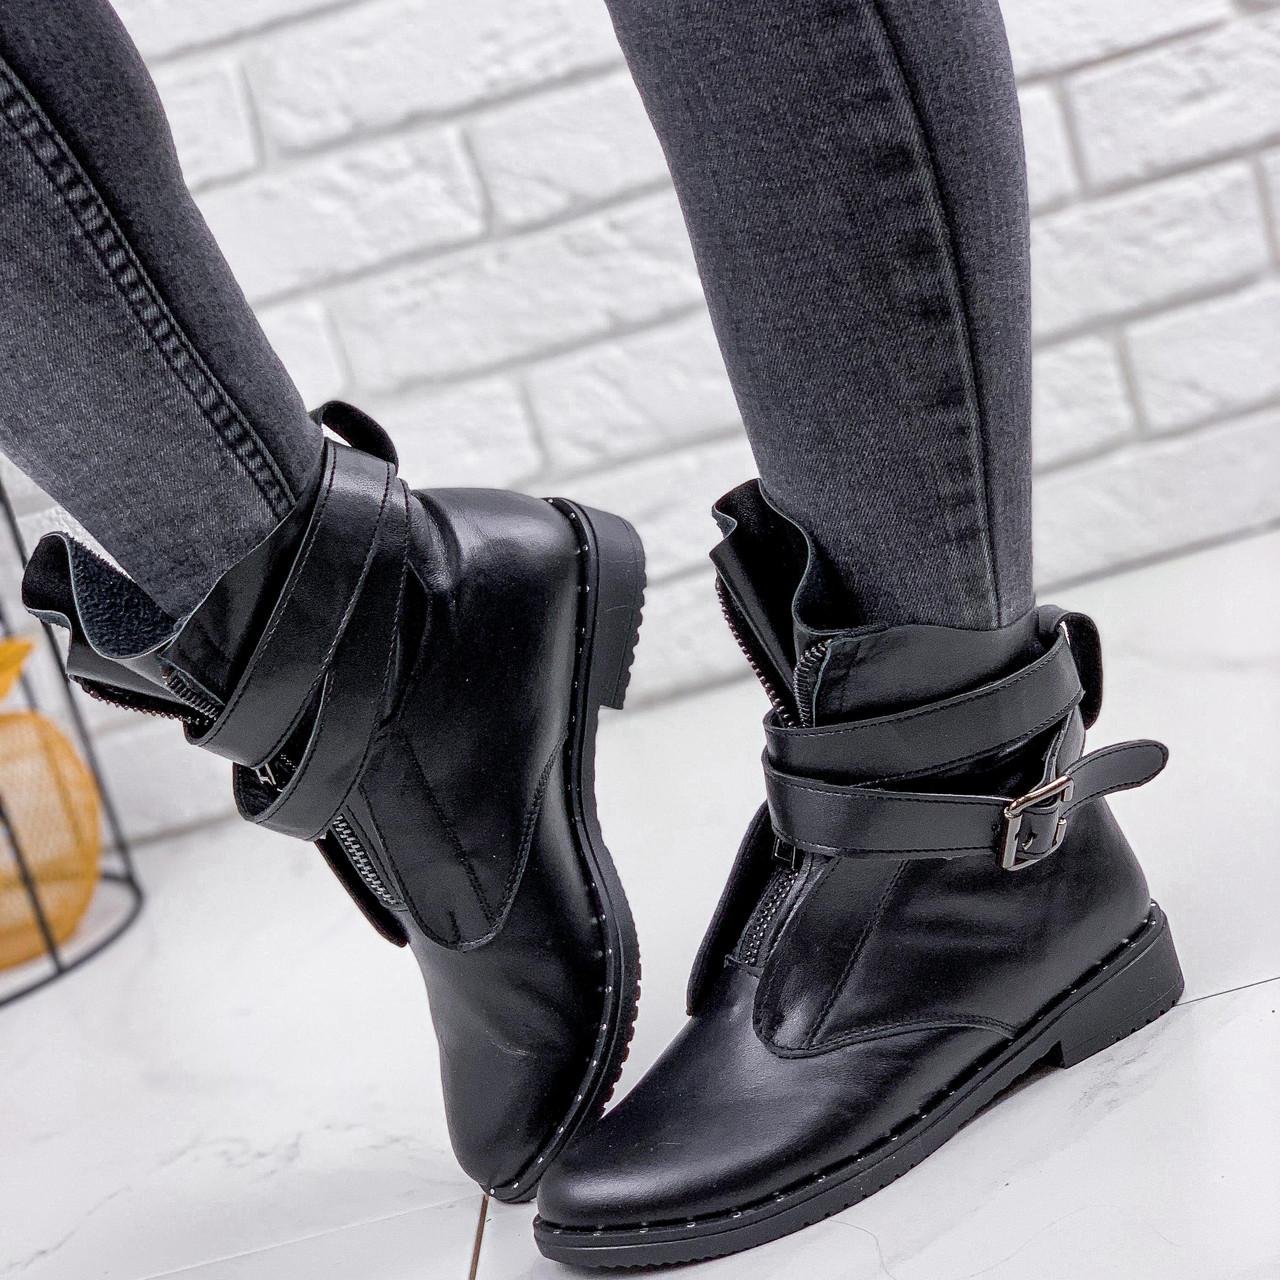 Ботинки женские Sheba черные 2238